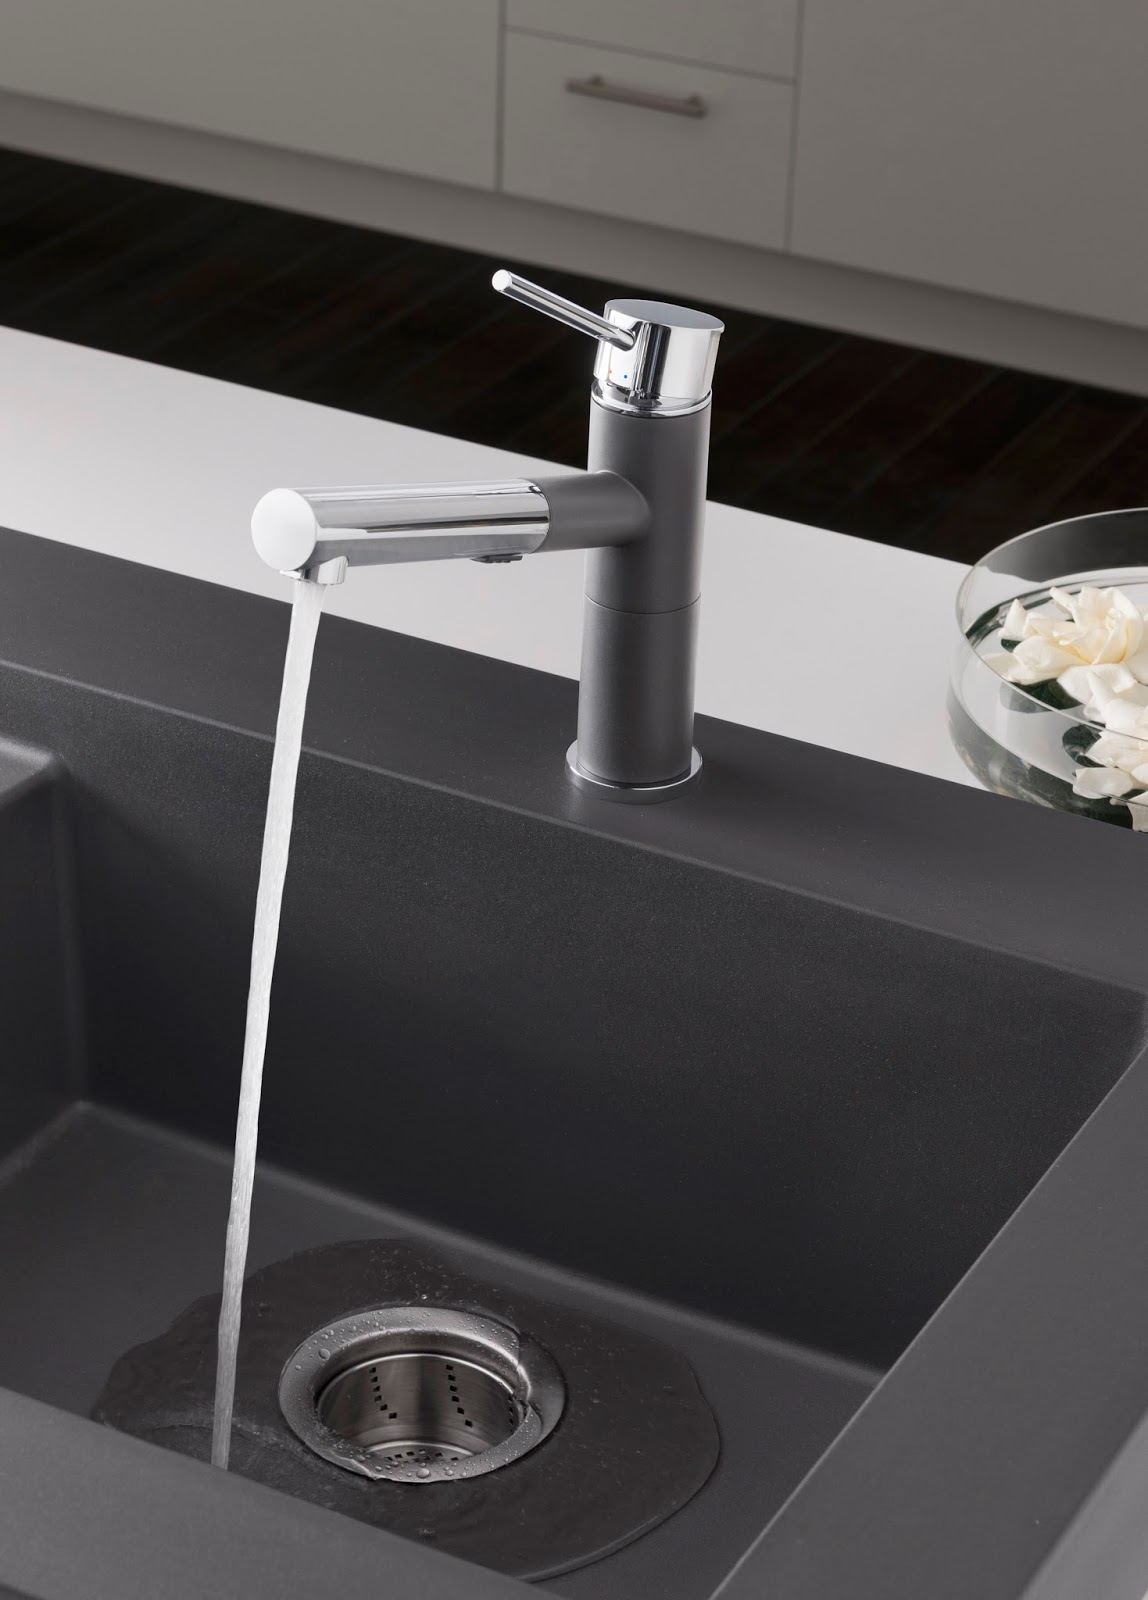 Cinder Blanco Sink : Blanco Silgranit sink in cinder (on my kitchen remodel wish list!)